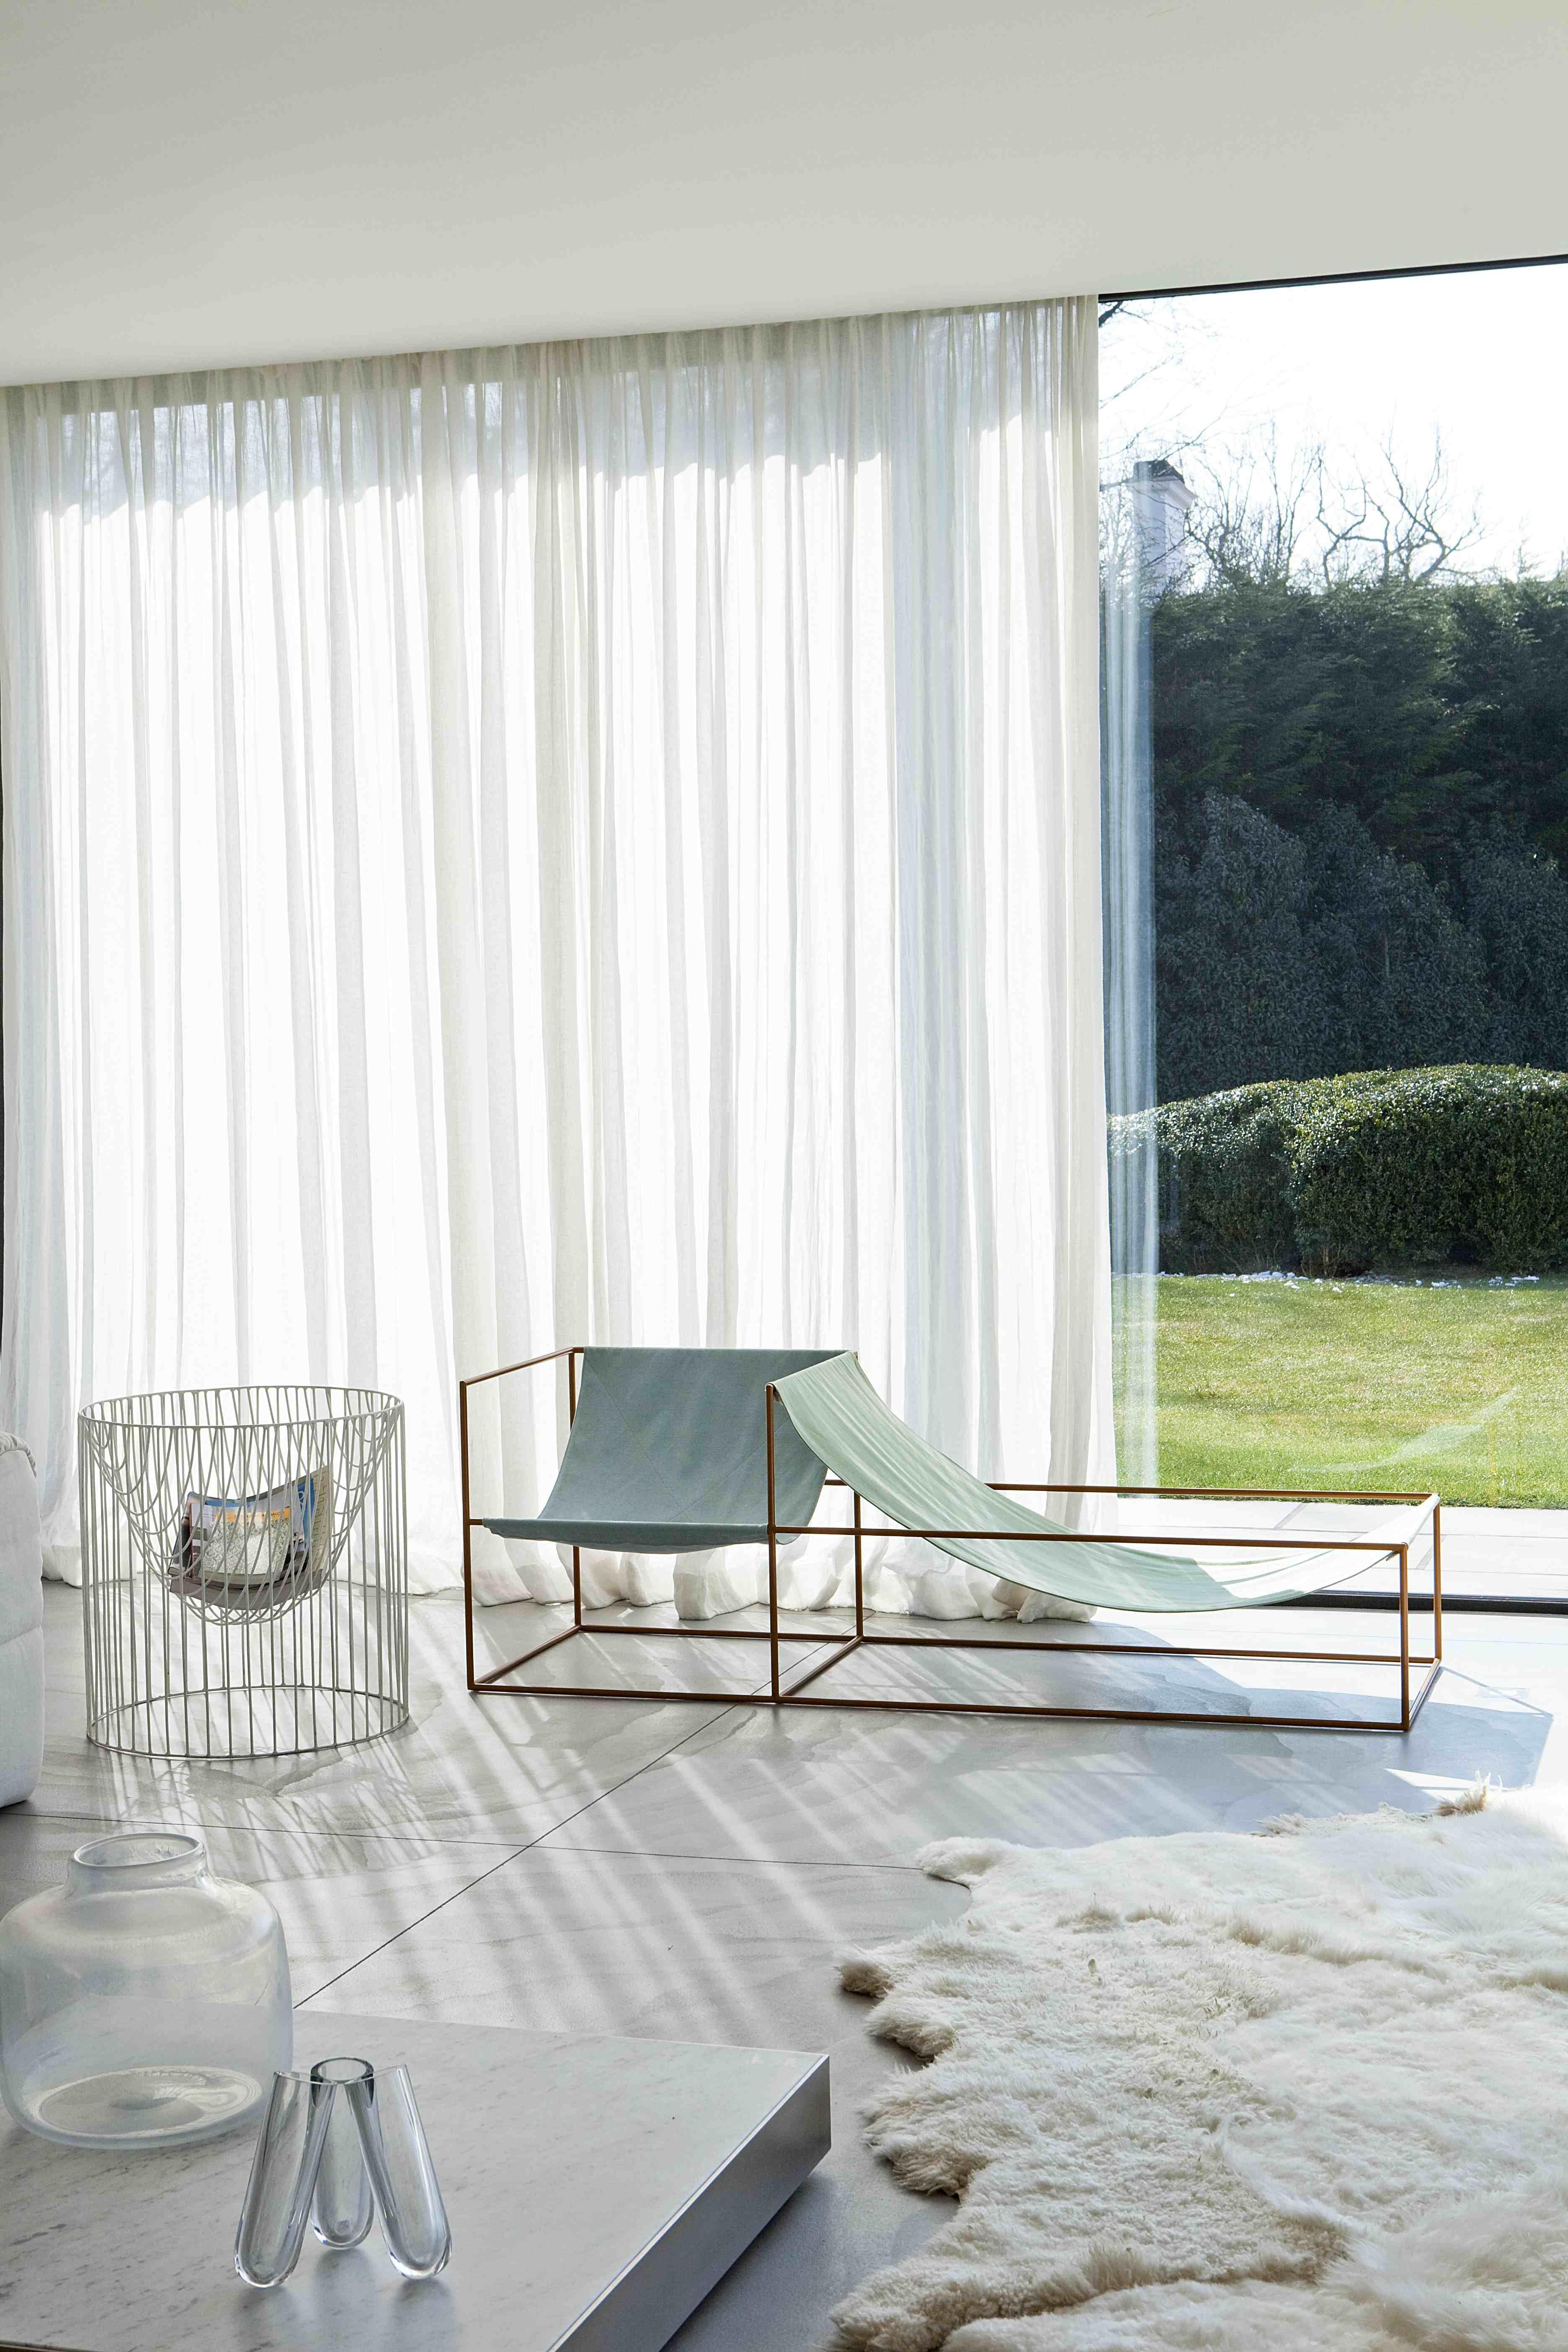 Wohnzimmer Design - buy it on fablife.de